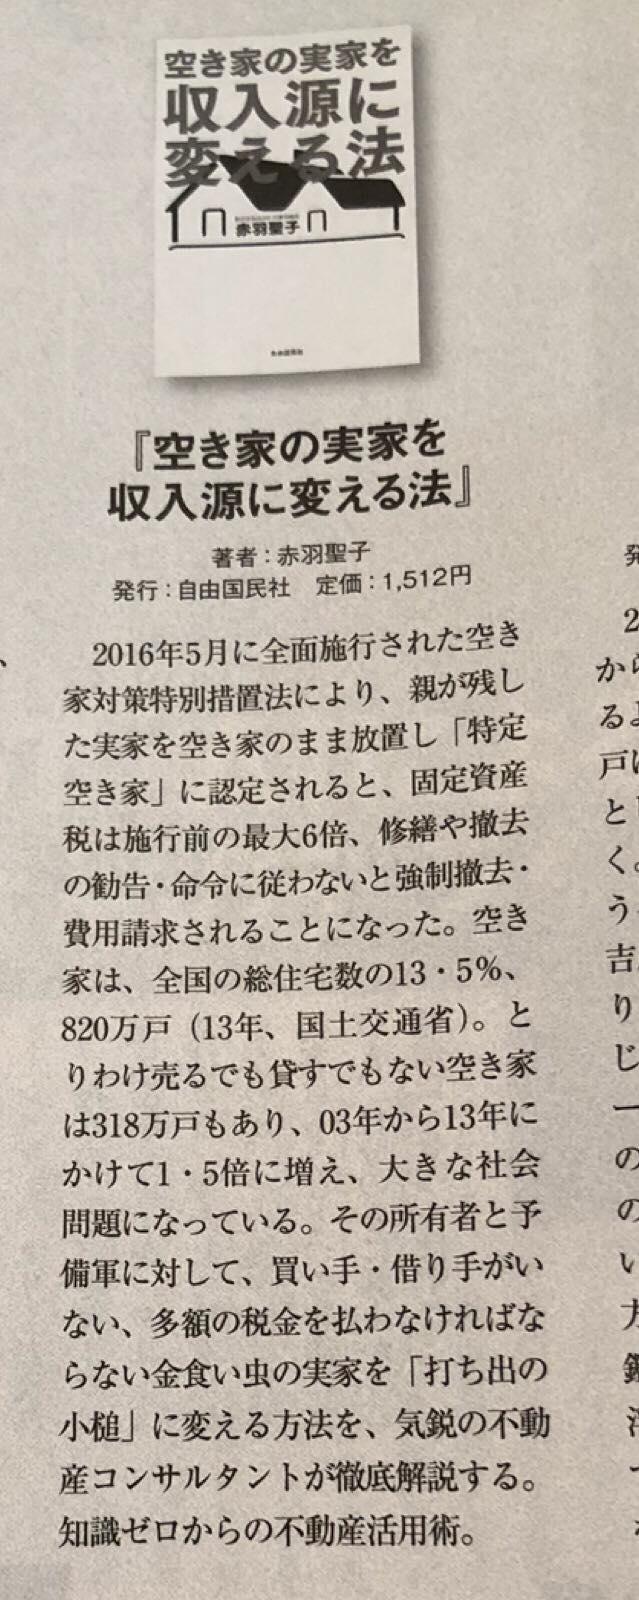 2018年9月号 経済界で書評を載せていただきました。